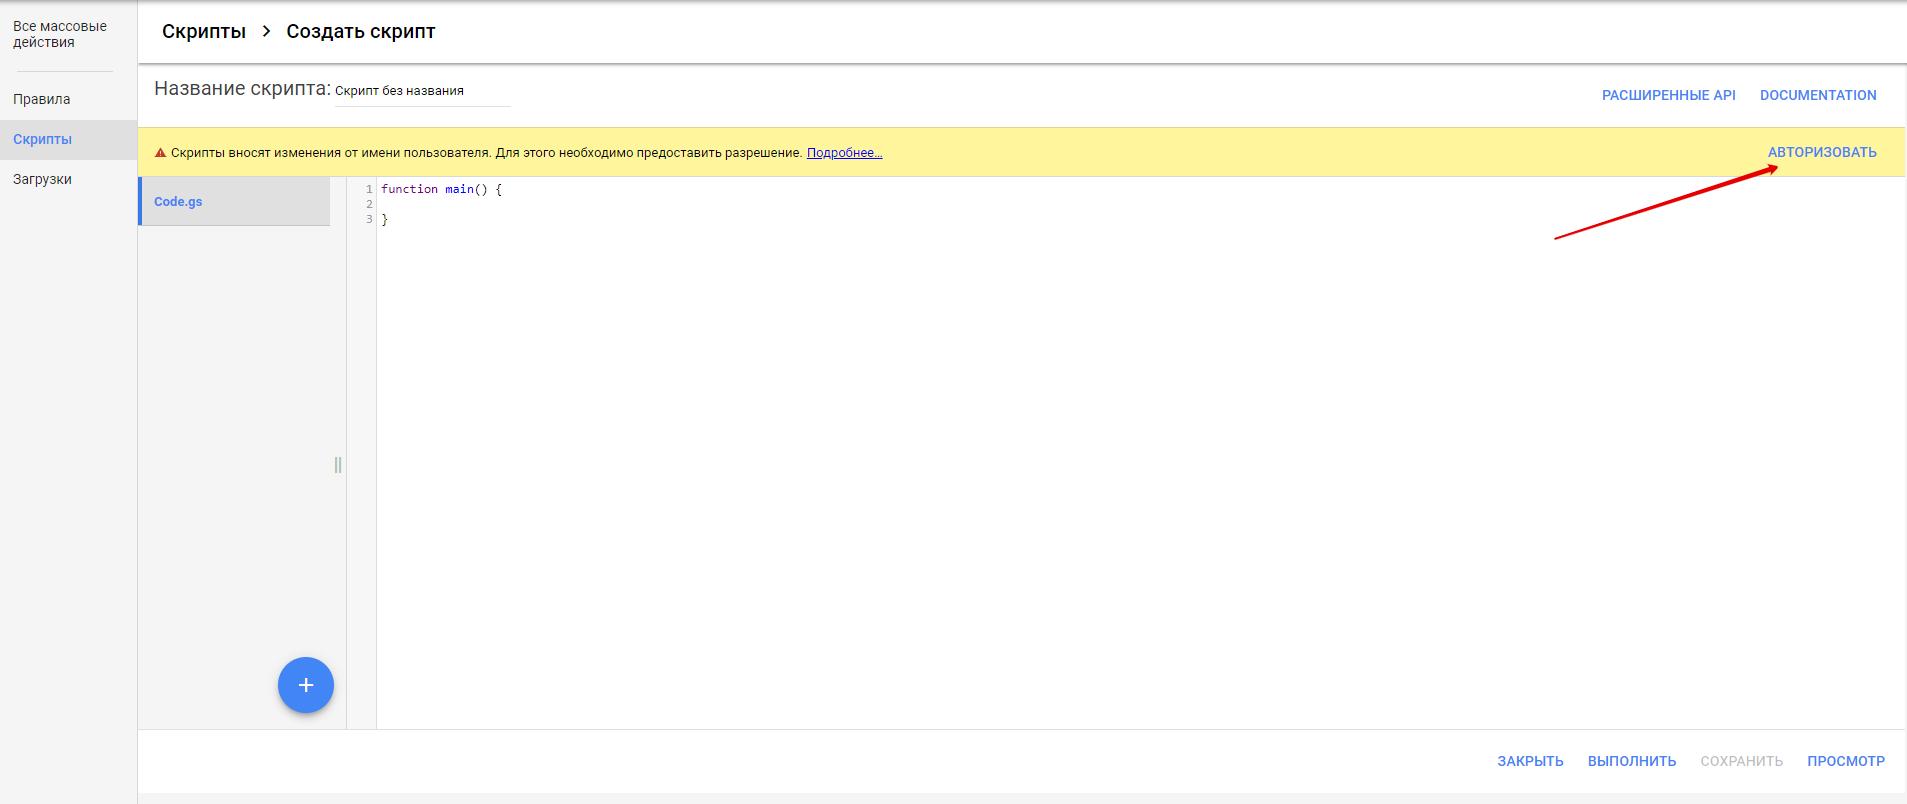 Как установить скрипты для Google Ads - фото 2